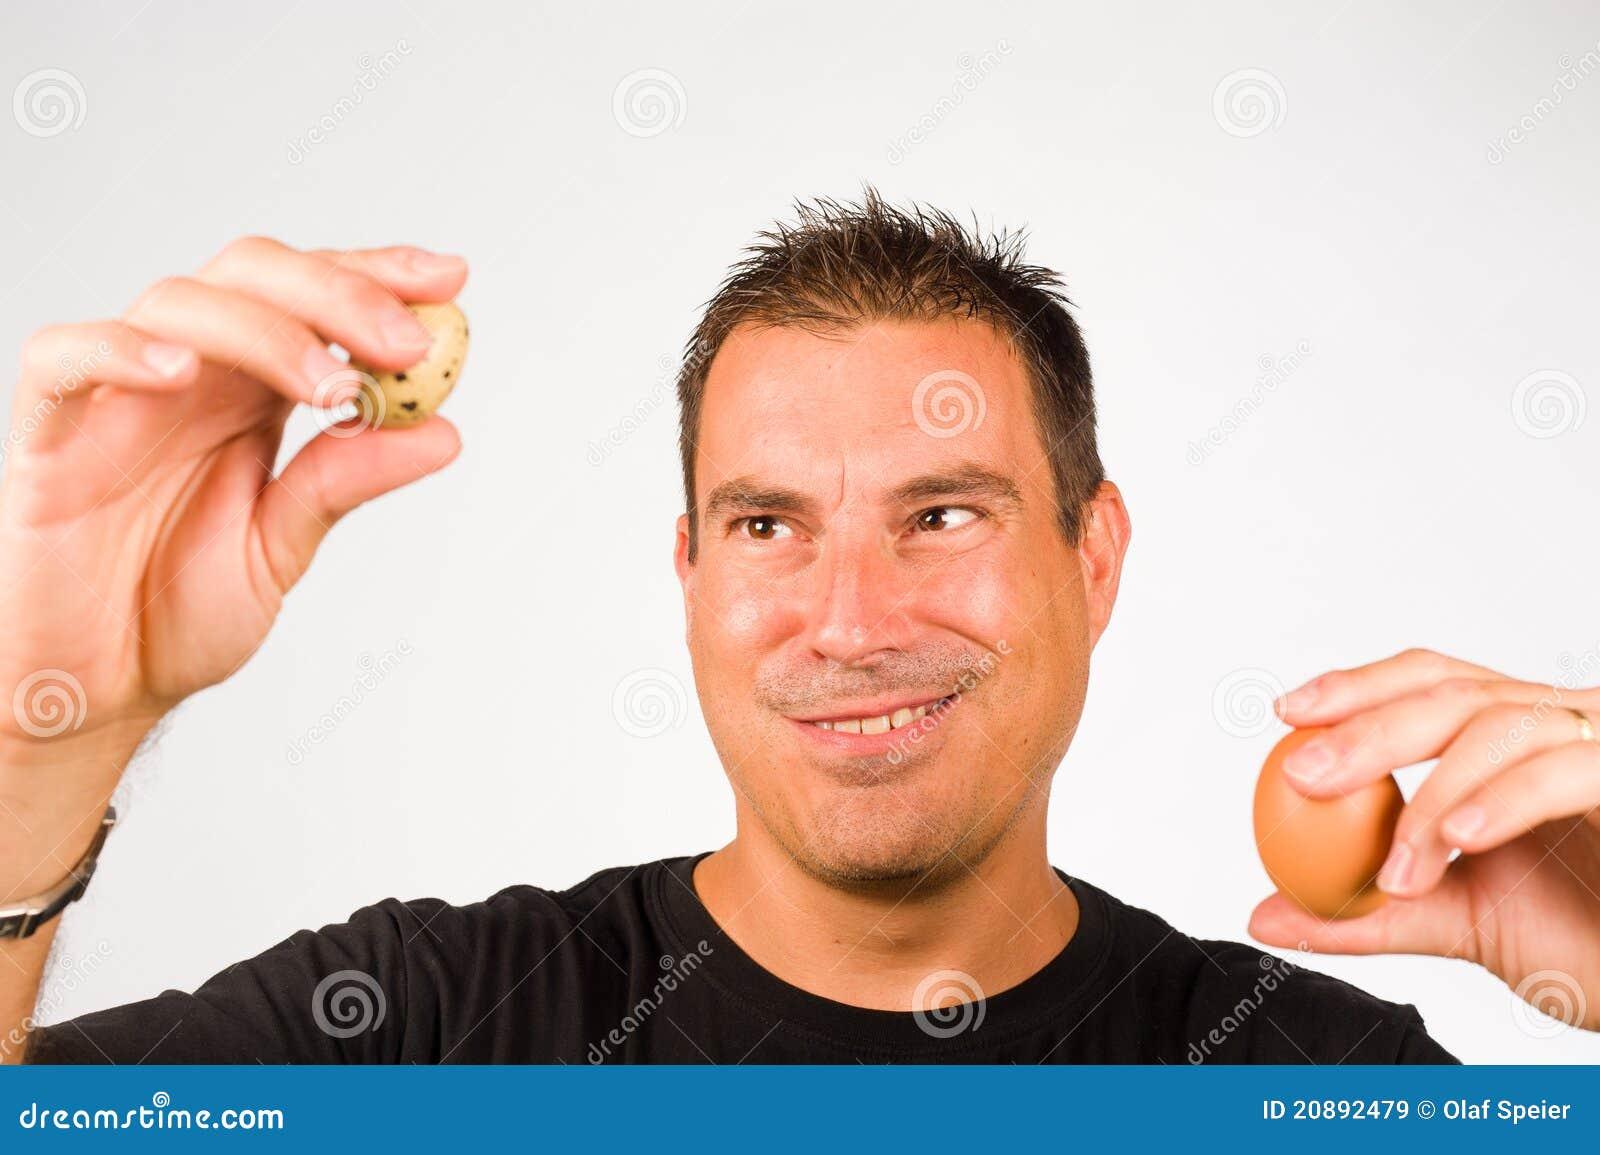 Хочу мужика с яйцами 20 фотография